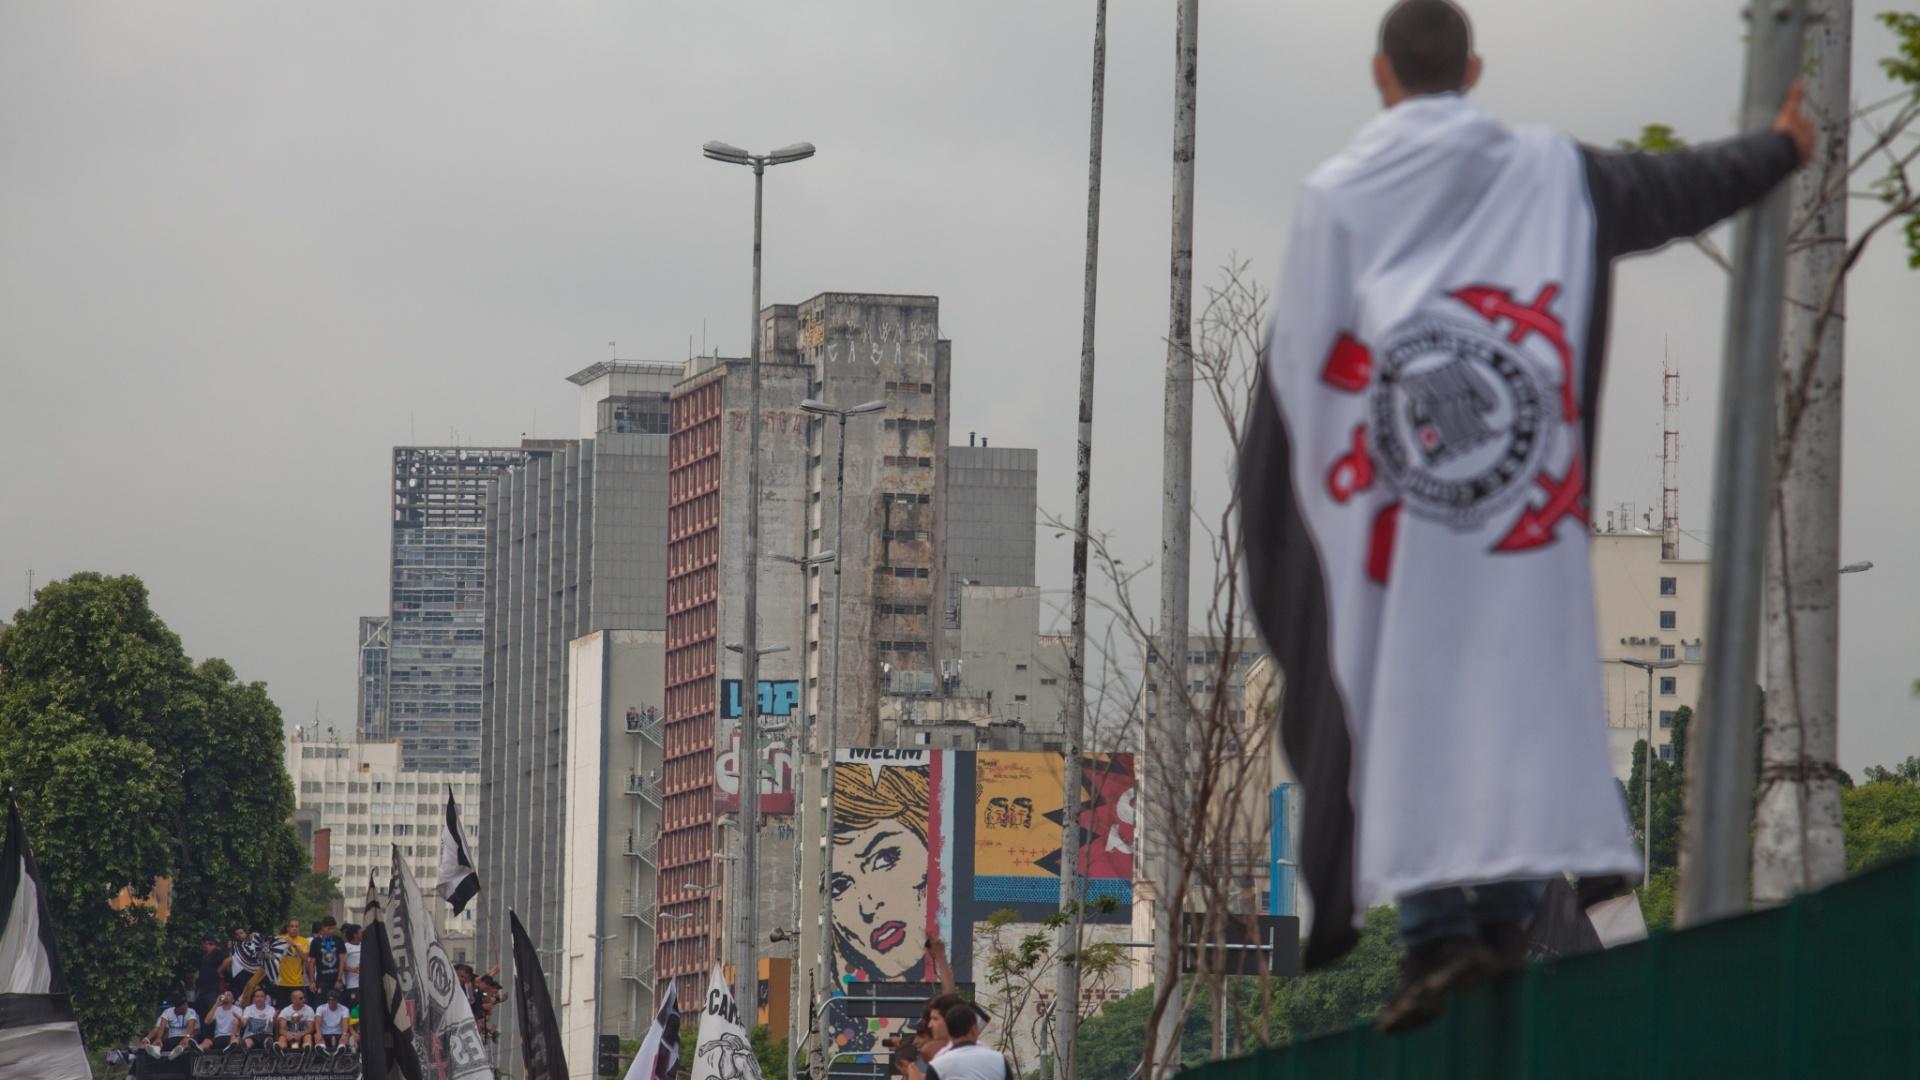 18.dez.2012- Torcedor sobe em grade para observer comemoração de título mundial em passagem de tiro elétrico pela Av. Tiradentes em São Paulo